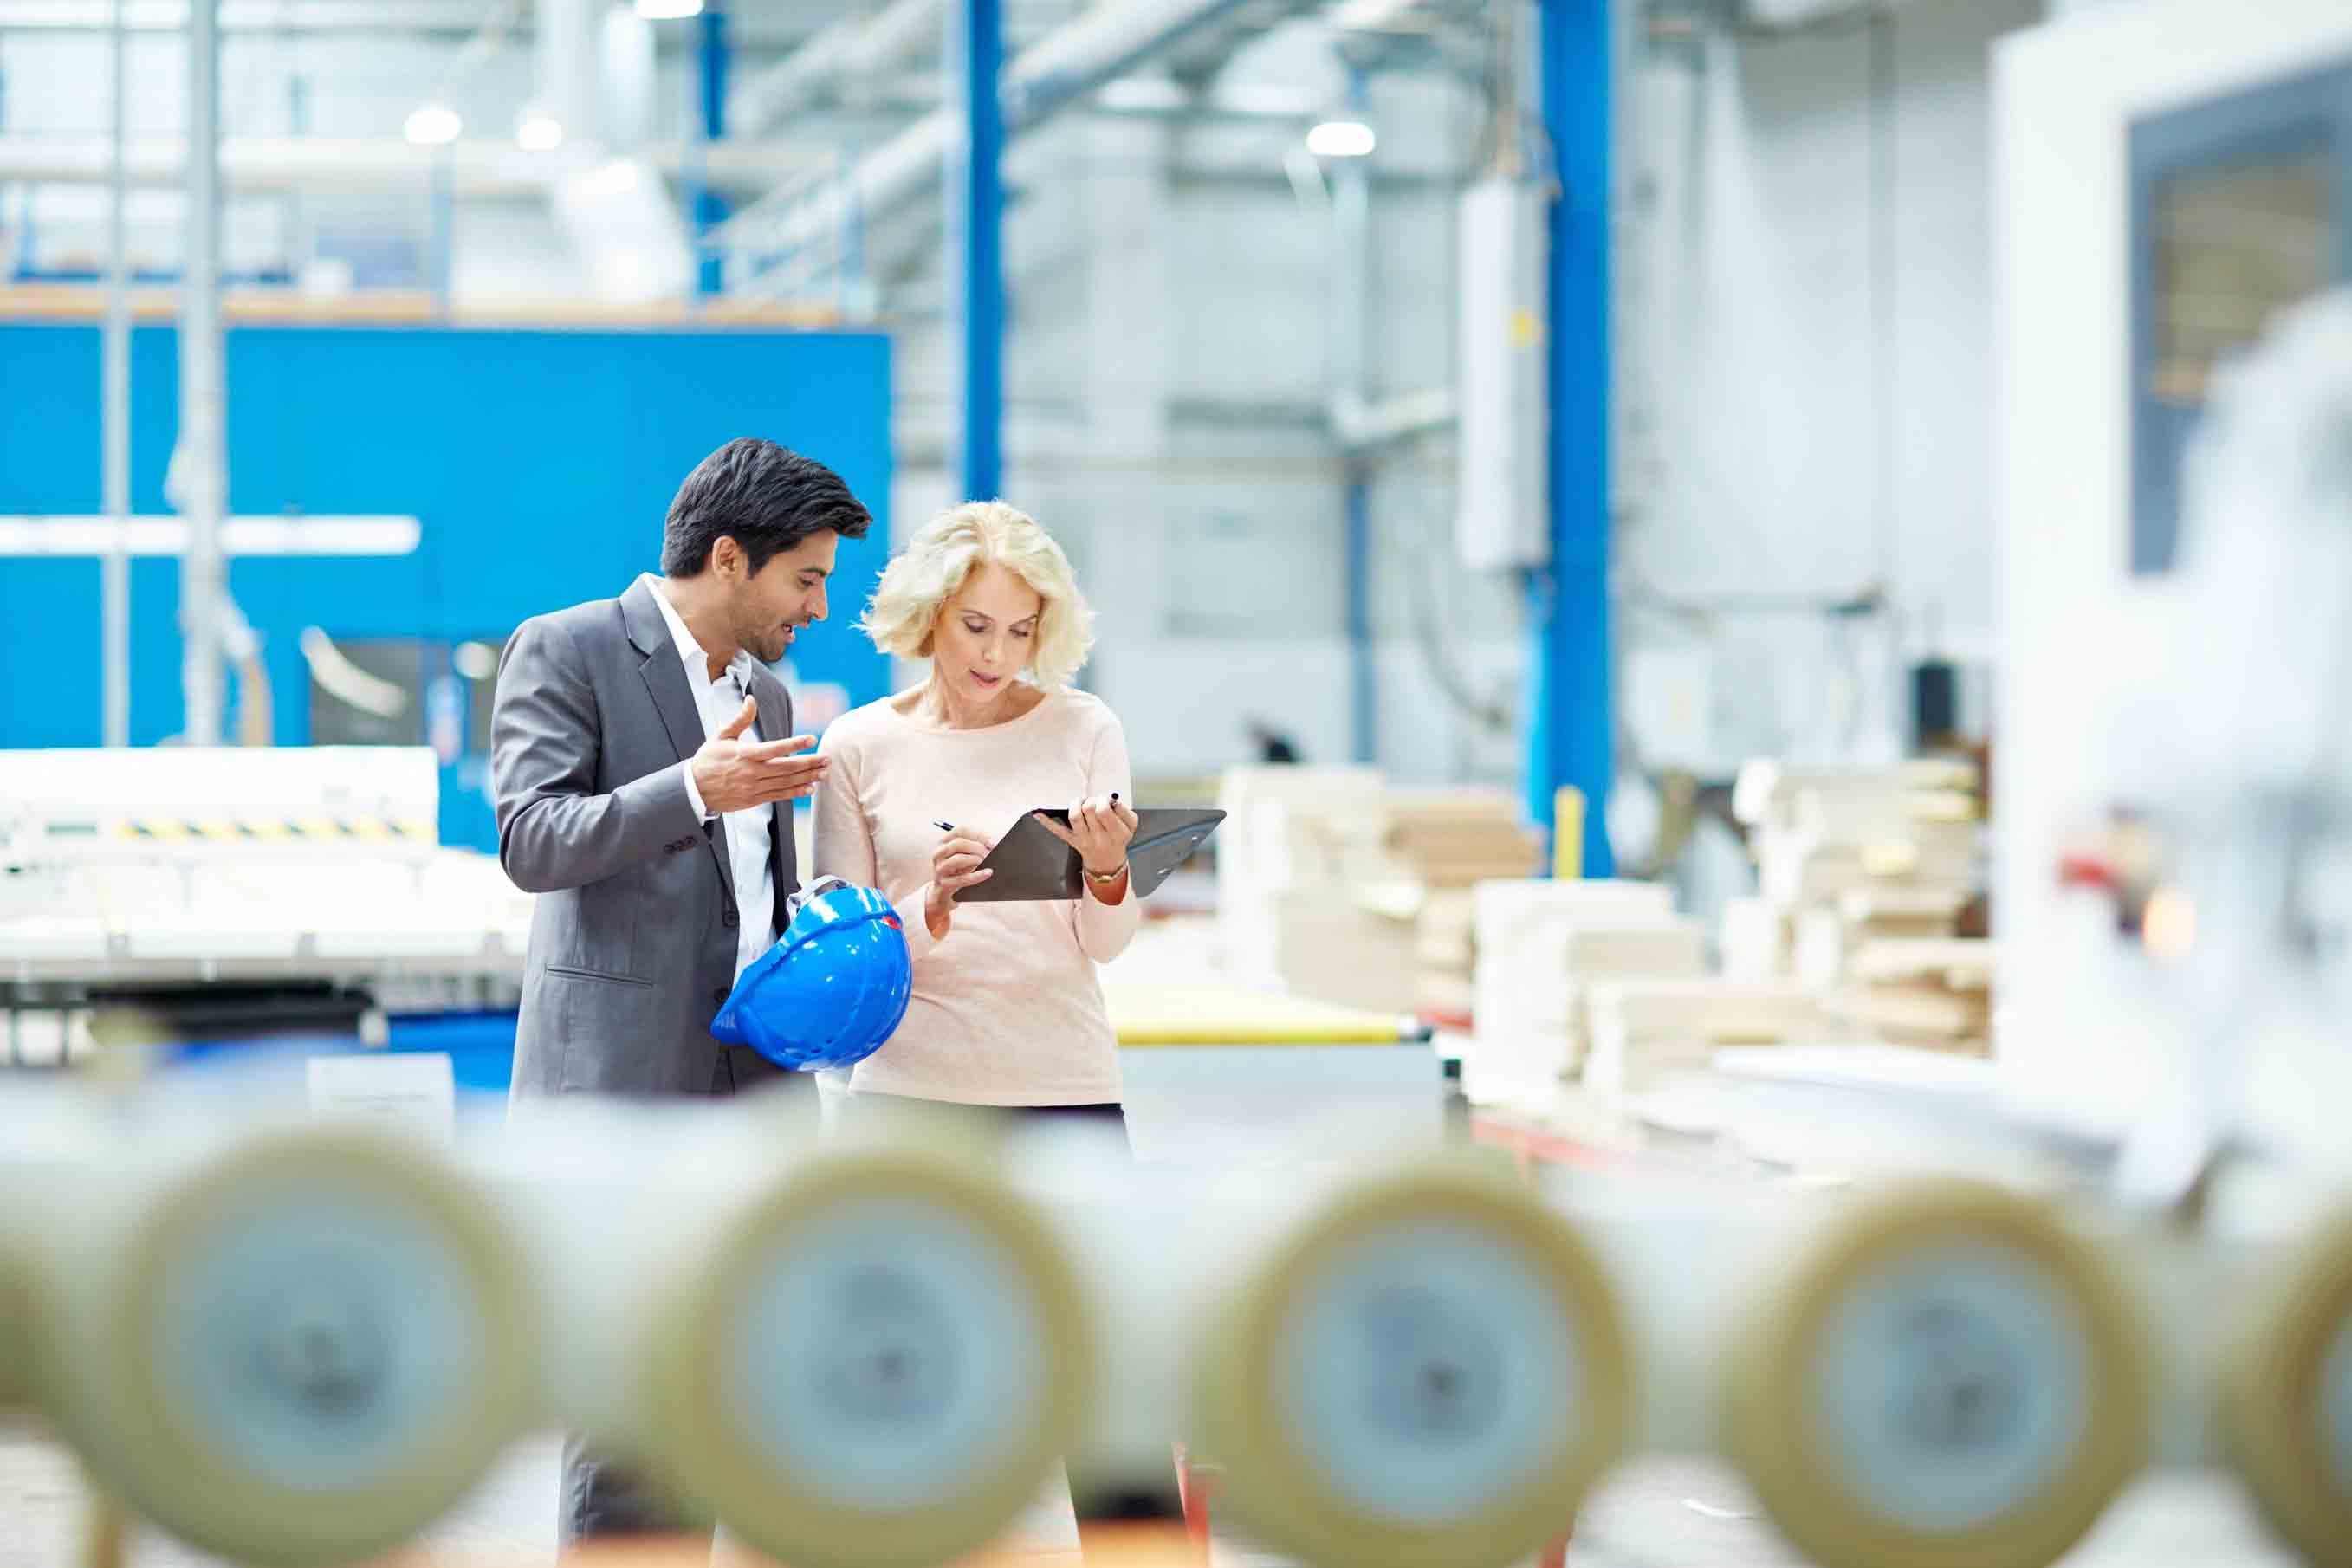 Studie Mittelstandskommunikation 2016 Professionalisierung Digitalisierung und Fürhung in Unternehmenskommunikation